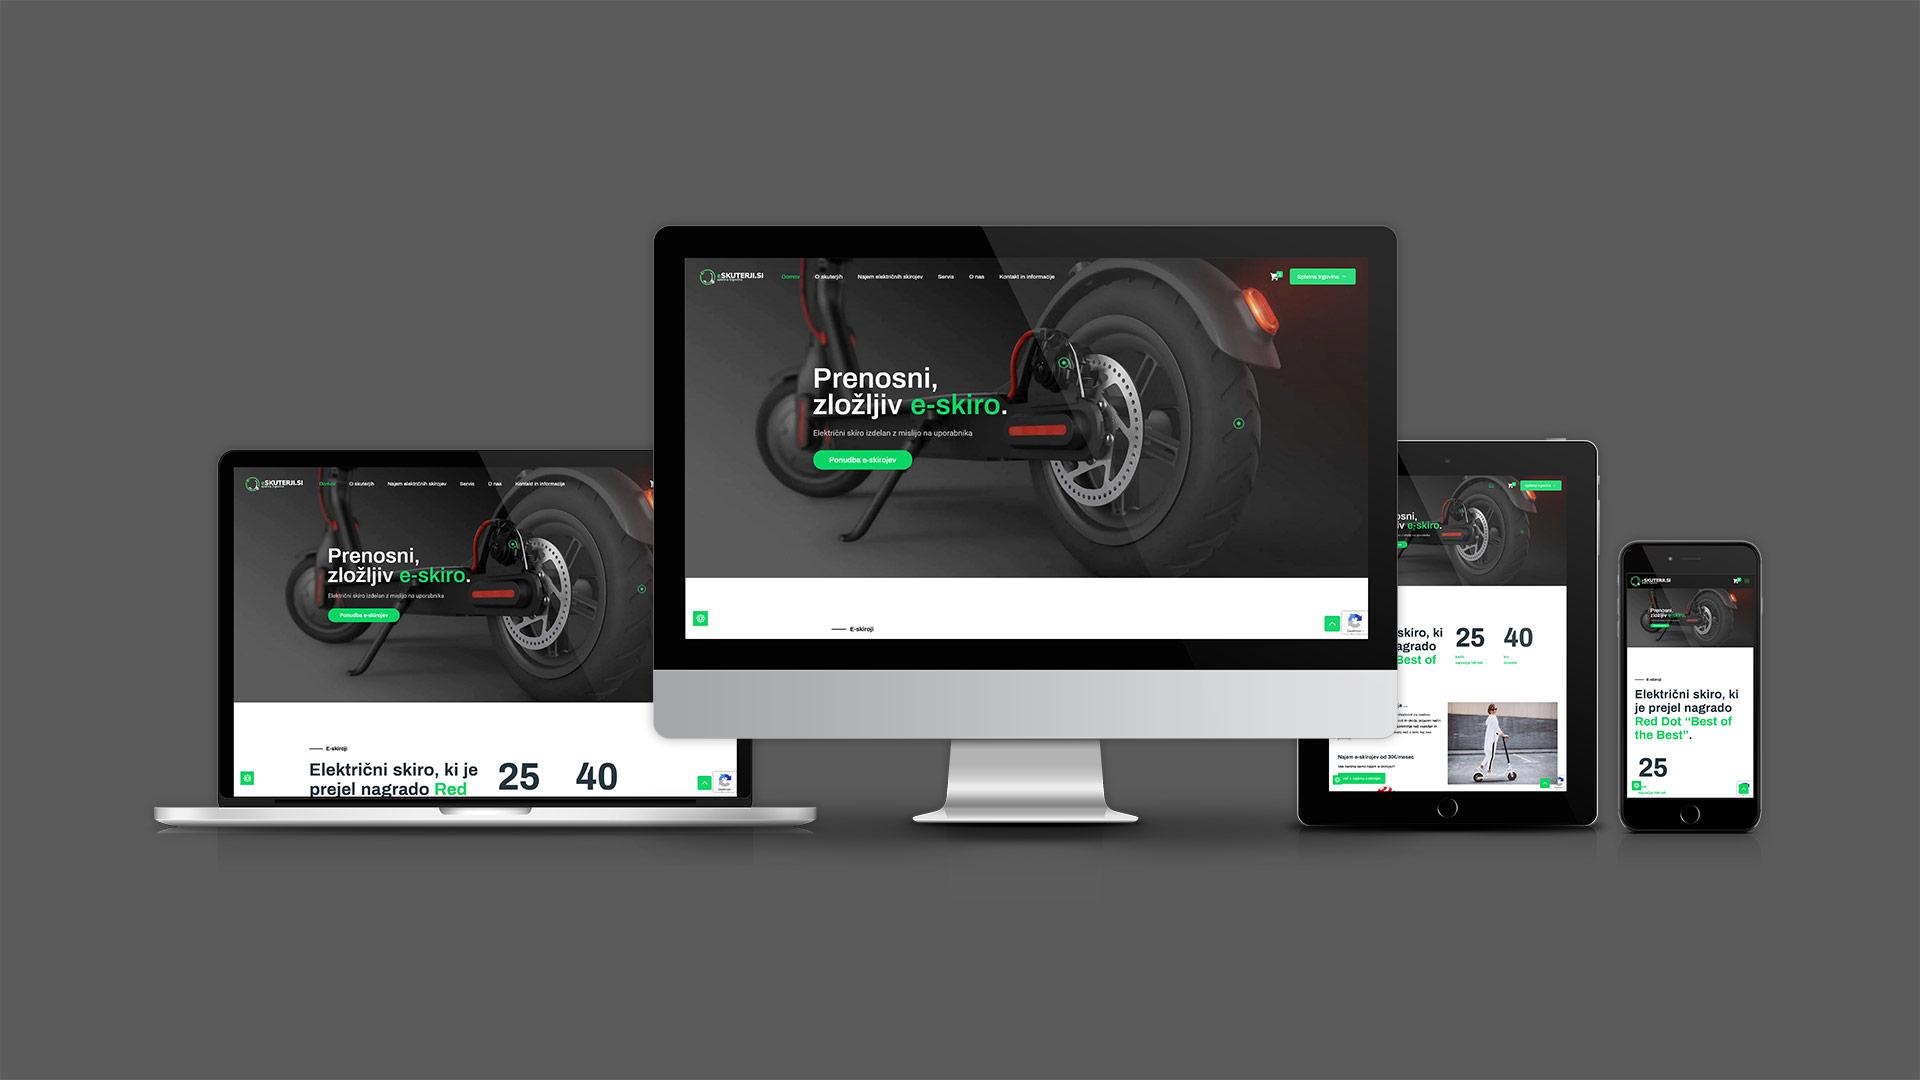 kreativne ideje reference e skuterji izdelava spletne strani spletne trgovine